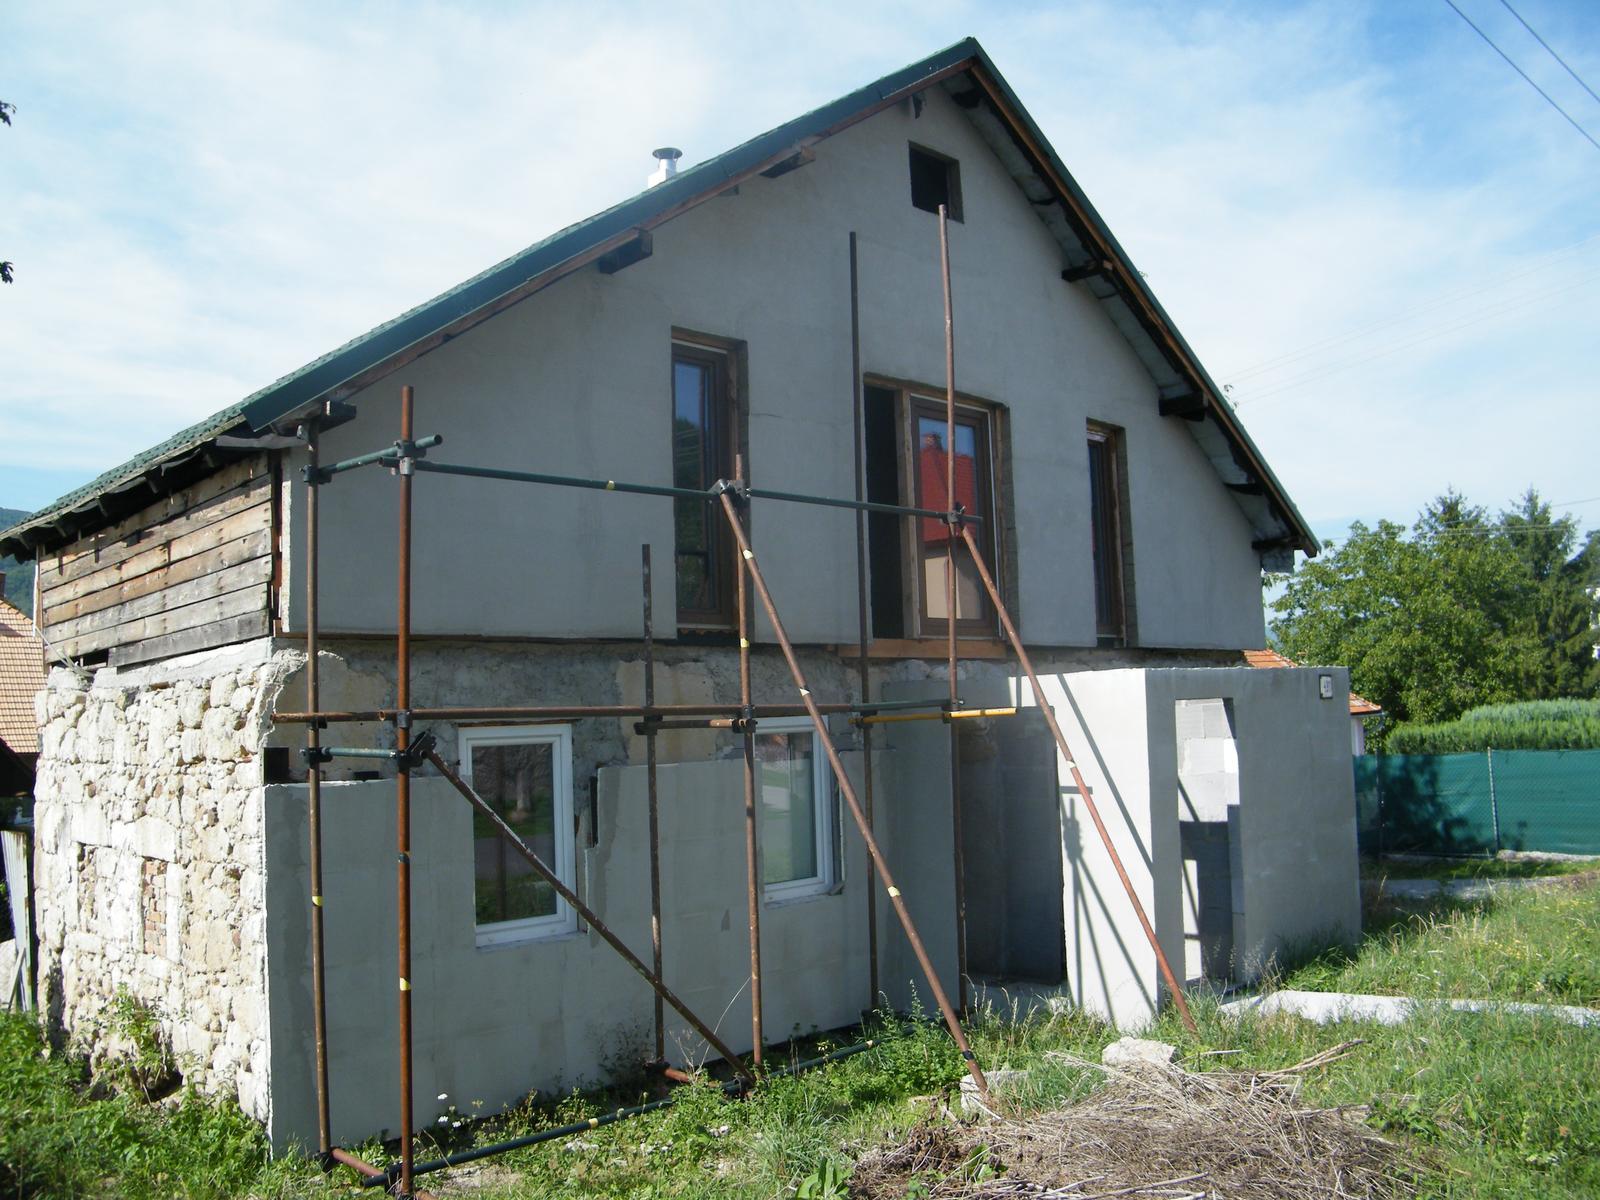 Aj takto sa rekonštruuje... - Na priečelí domu už čiastočne nalepený a zasieťkovaný polystyrén